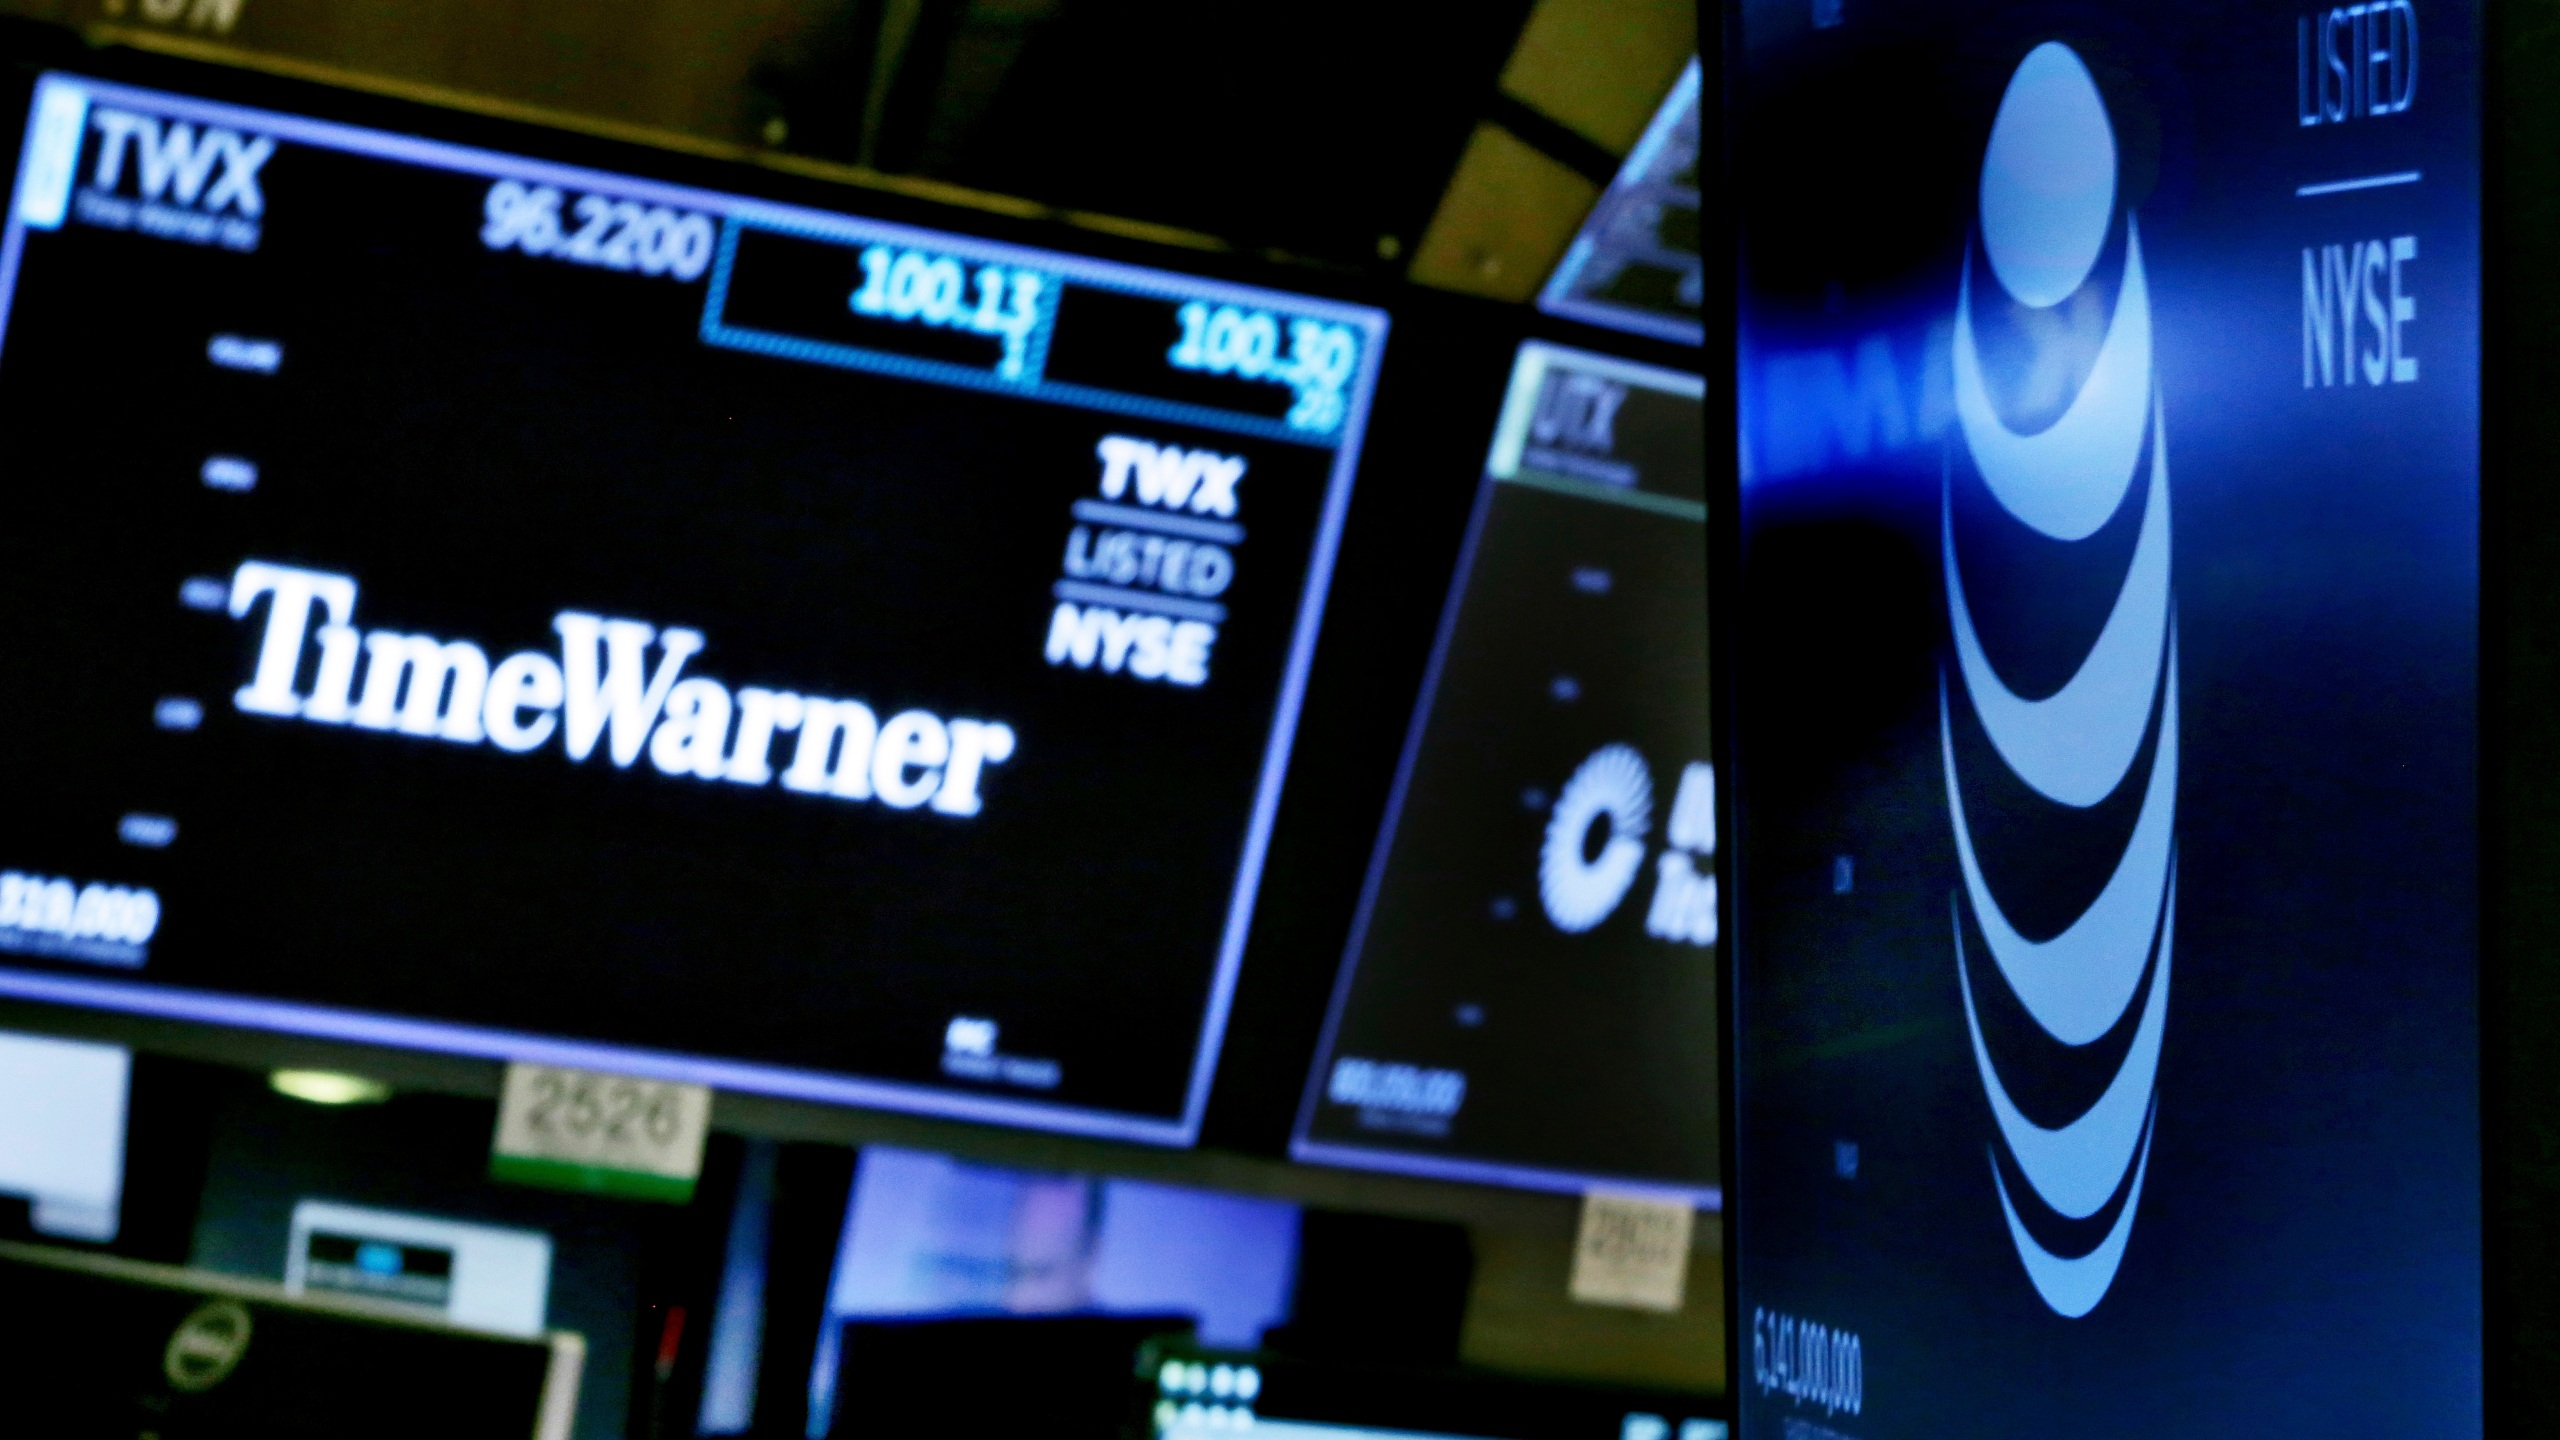 AT T Time Warner Antitrust_1551216137546